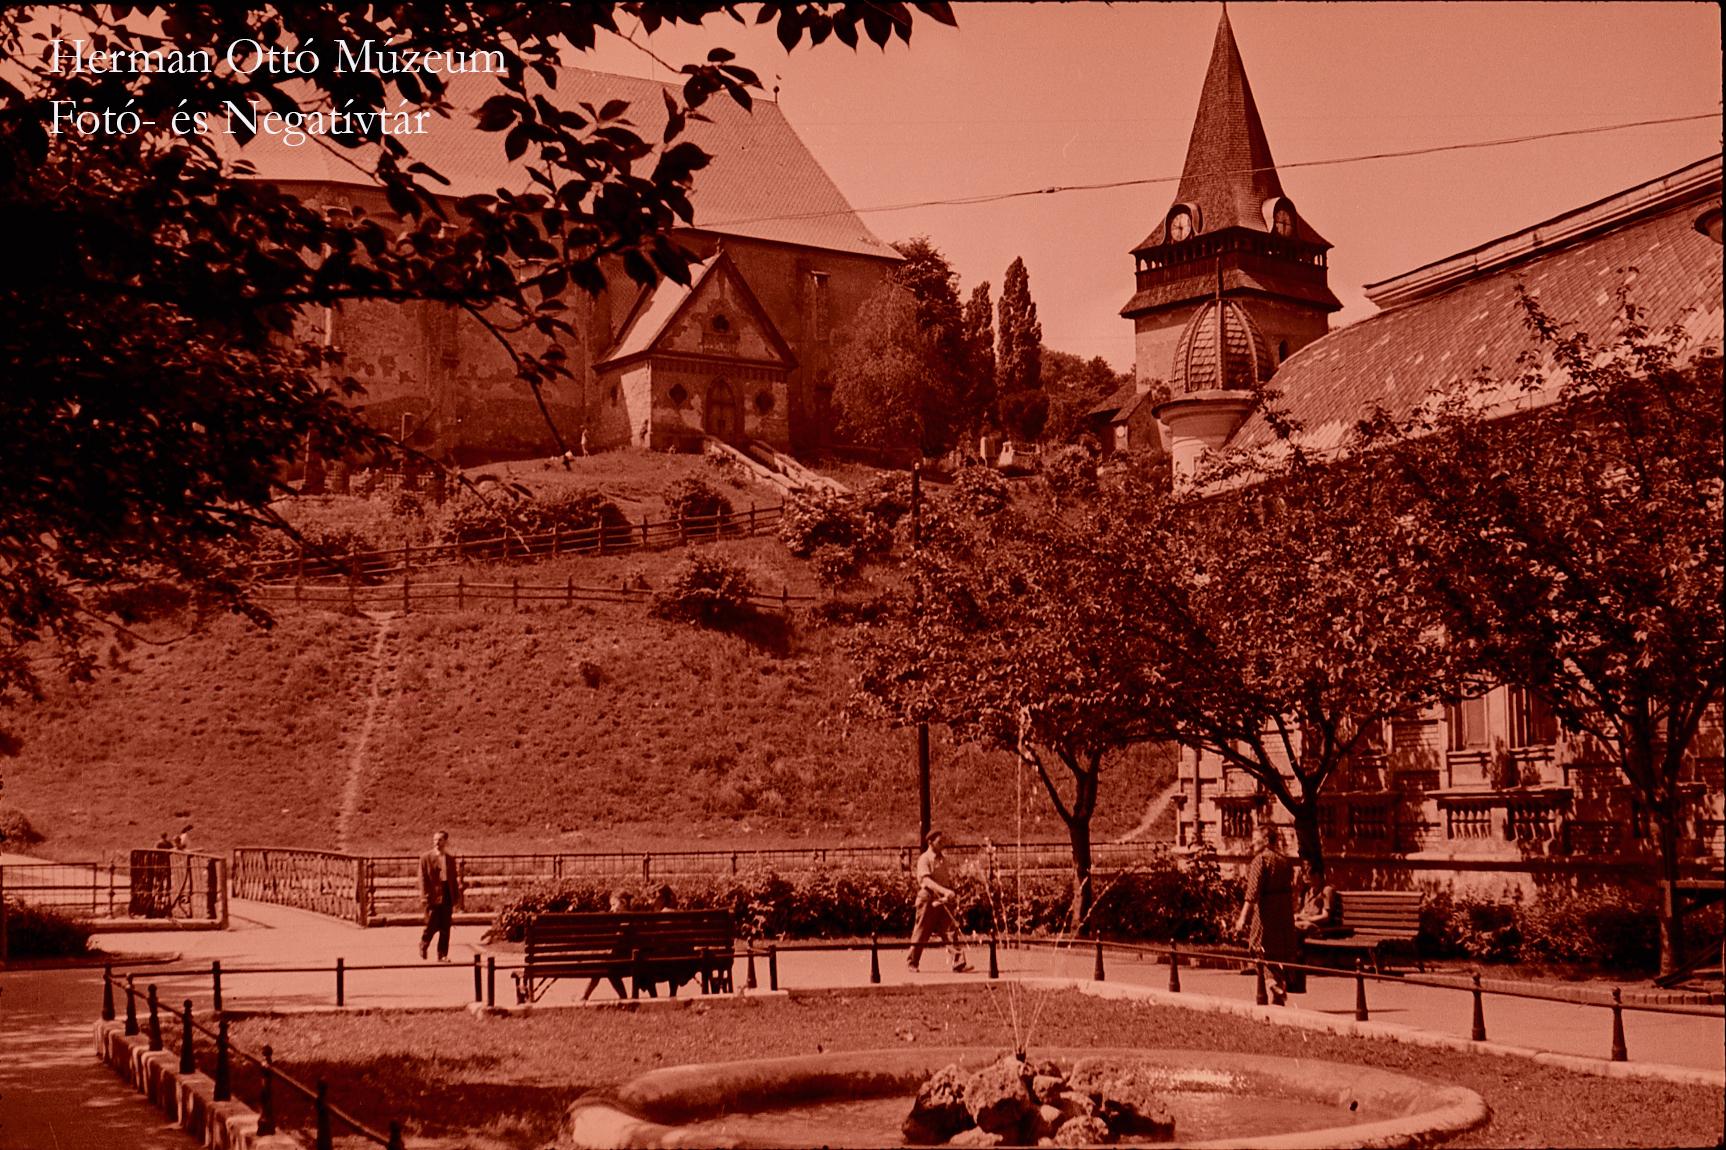 Herman Ottó Múzeum Fotó- és Negatívtára. Szabadság tér és az Avasi templom. Bodgál Ferenc, 1958. május. Leltári szám: HOM_FN_4405